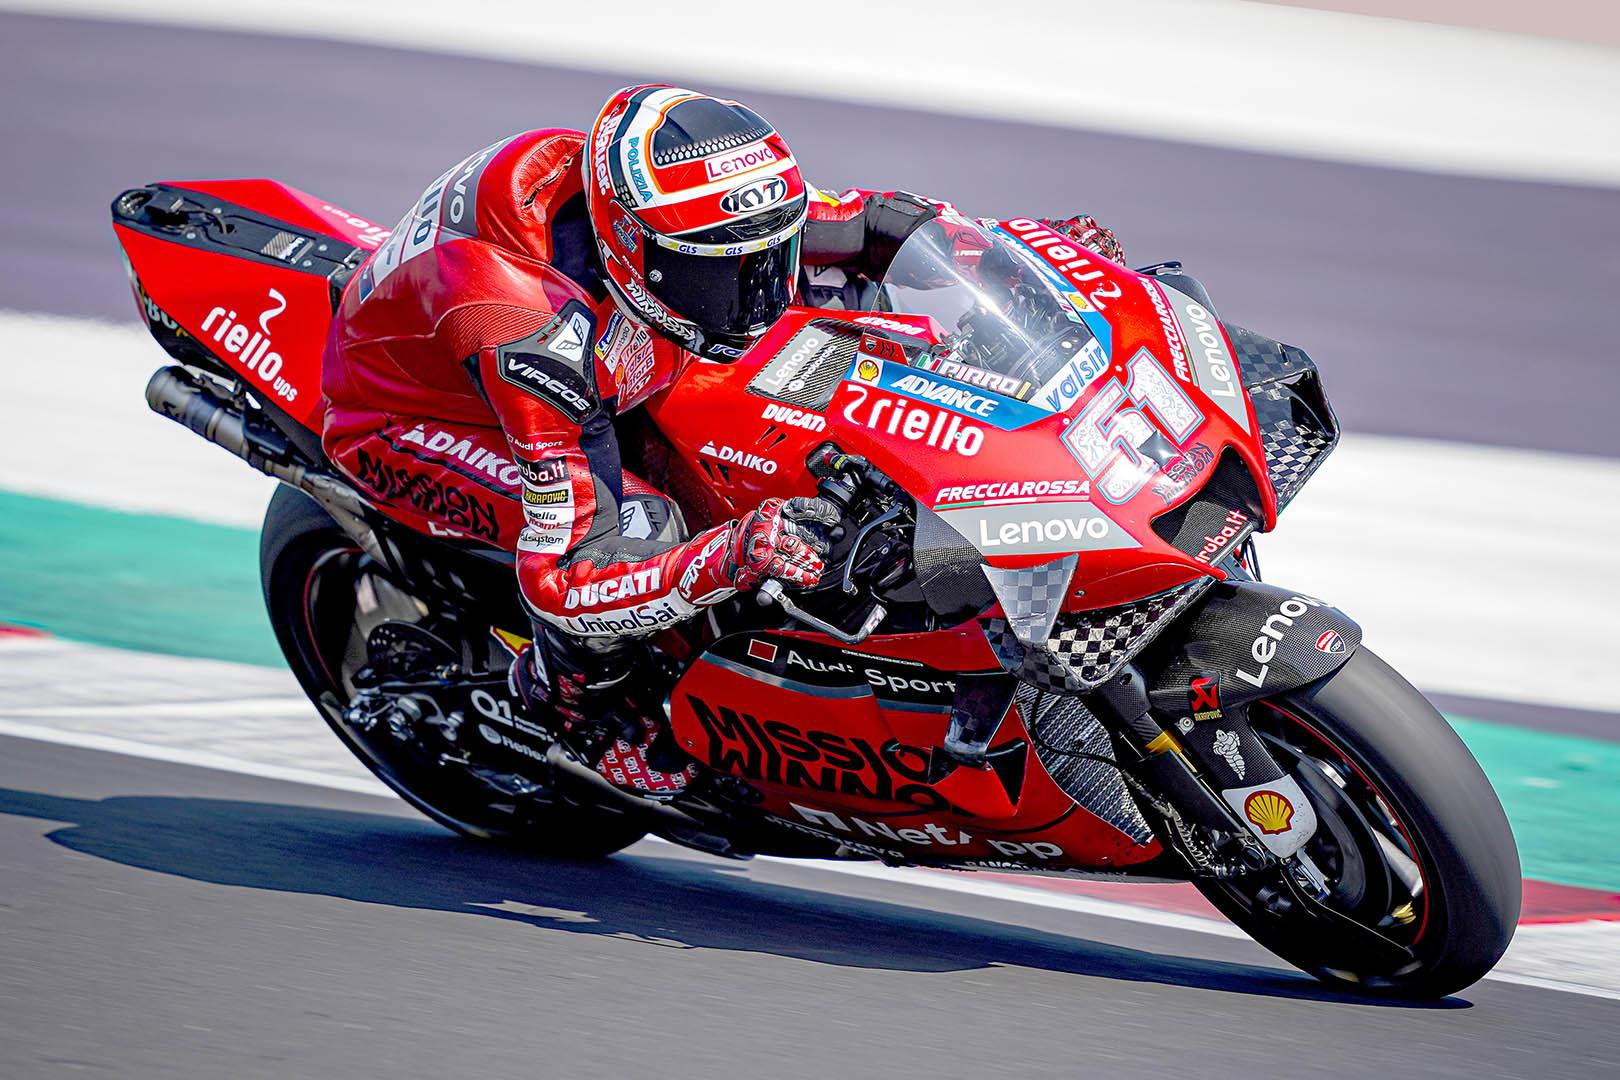 Η Ducati στην κορυφή της τρίτης περιόδου των ελεύθερων δοκιμαστικών